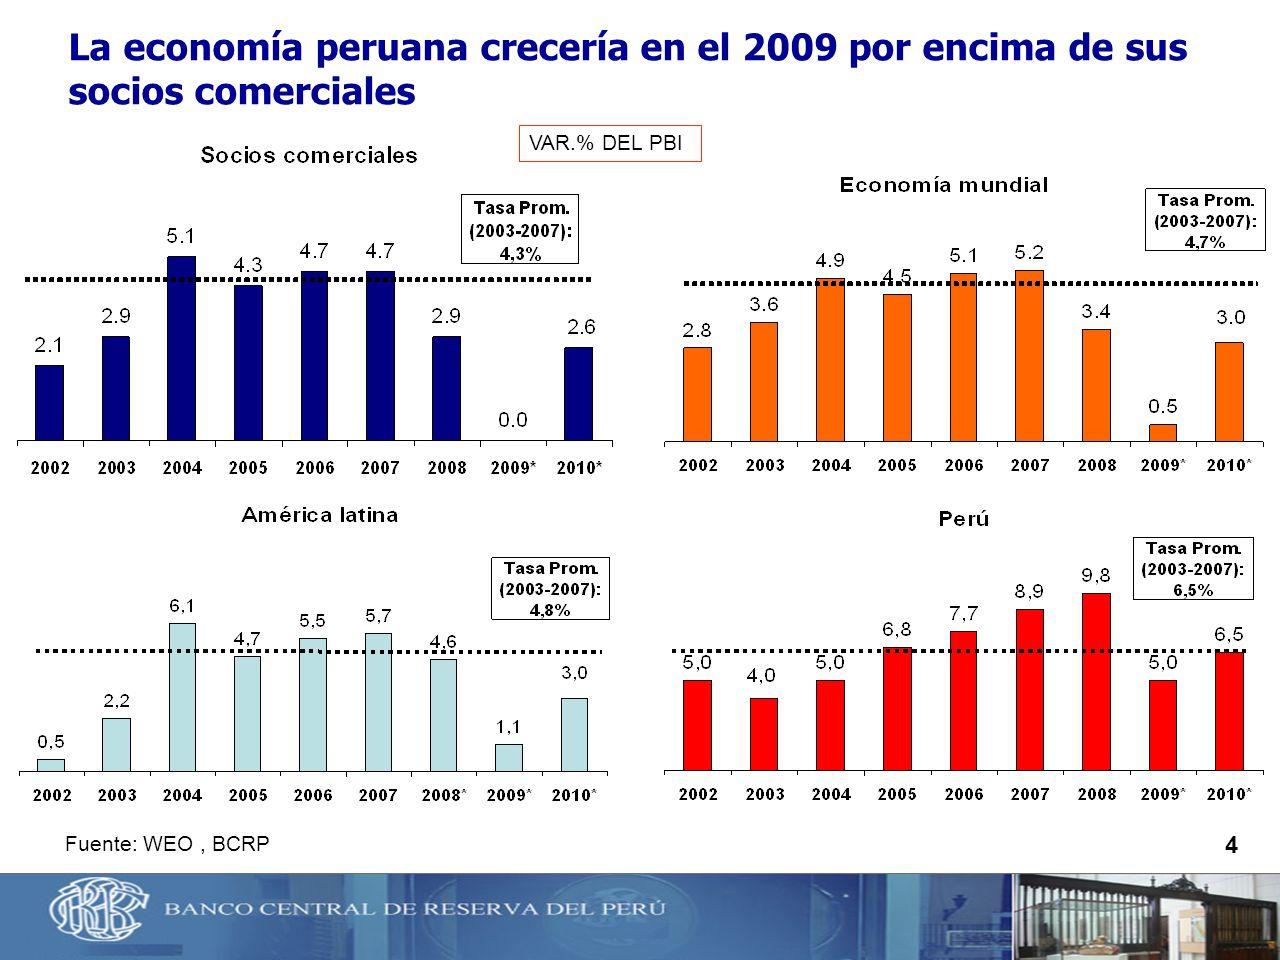 La economía peruana crecería en el 2009 por encima de sus socios comerciales